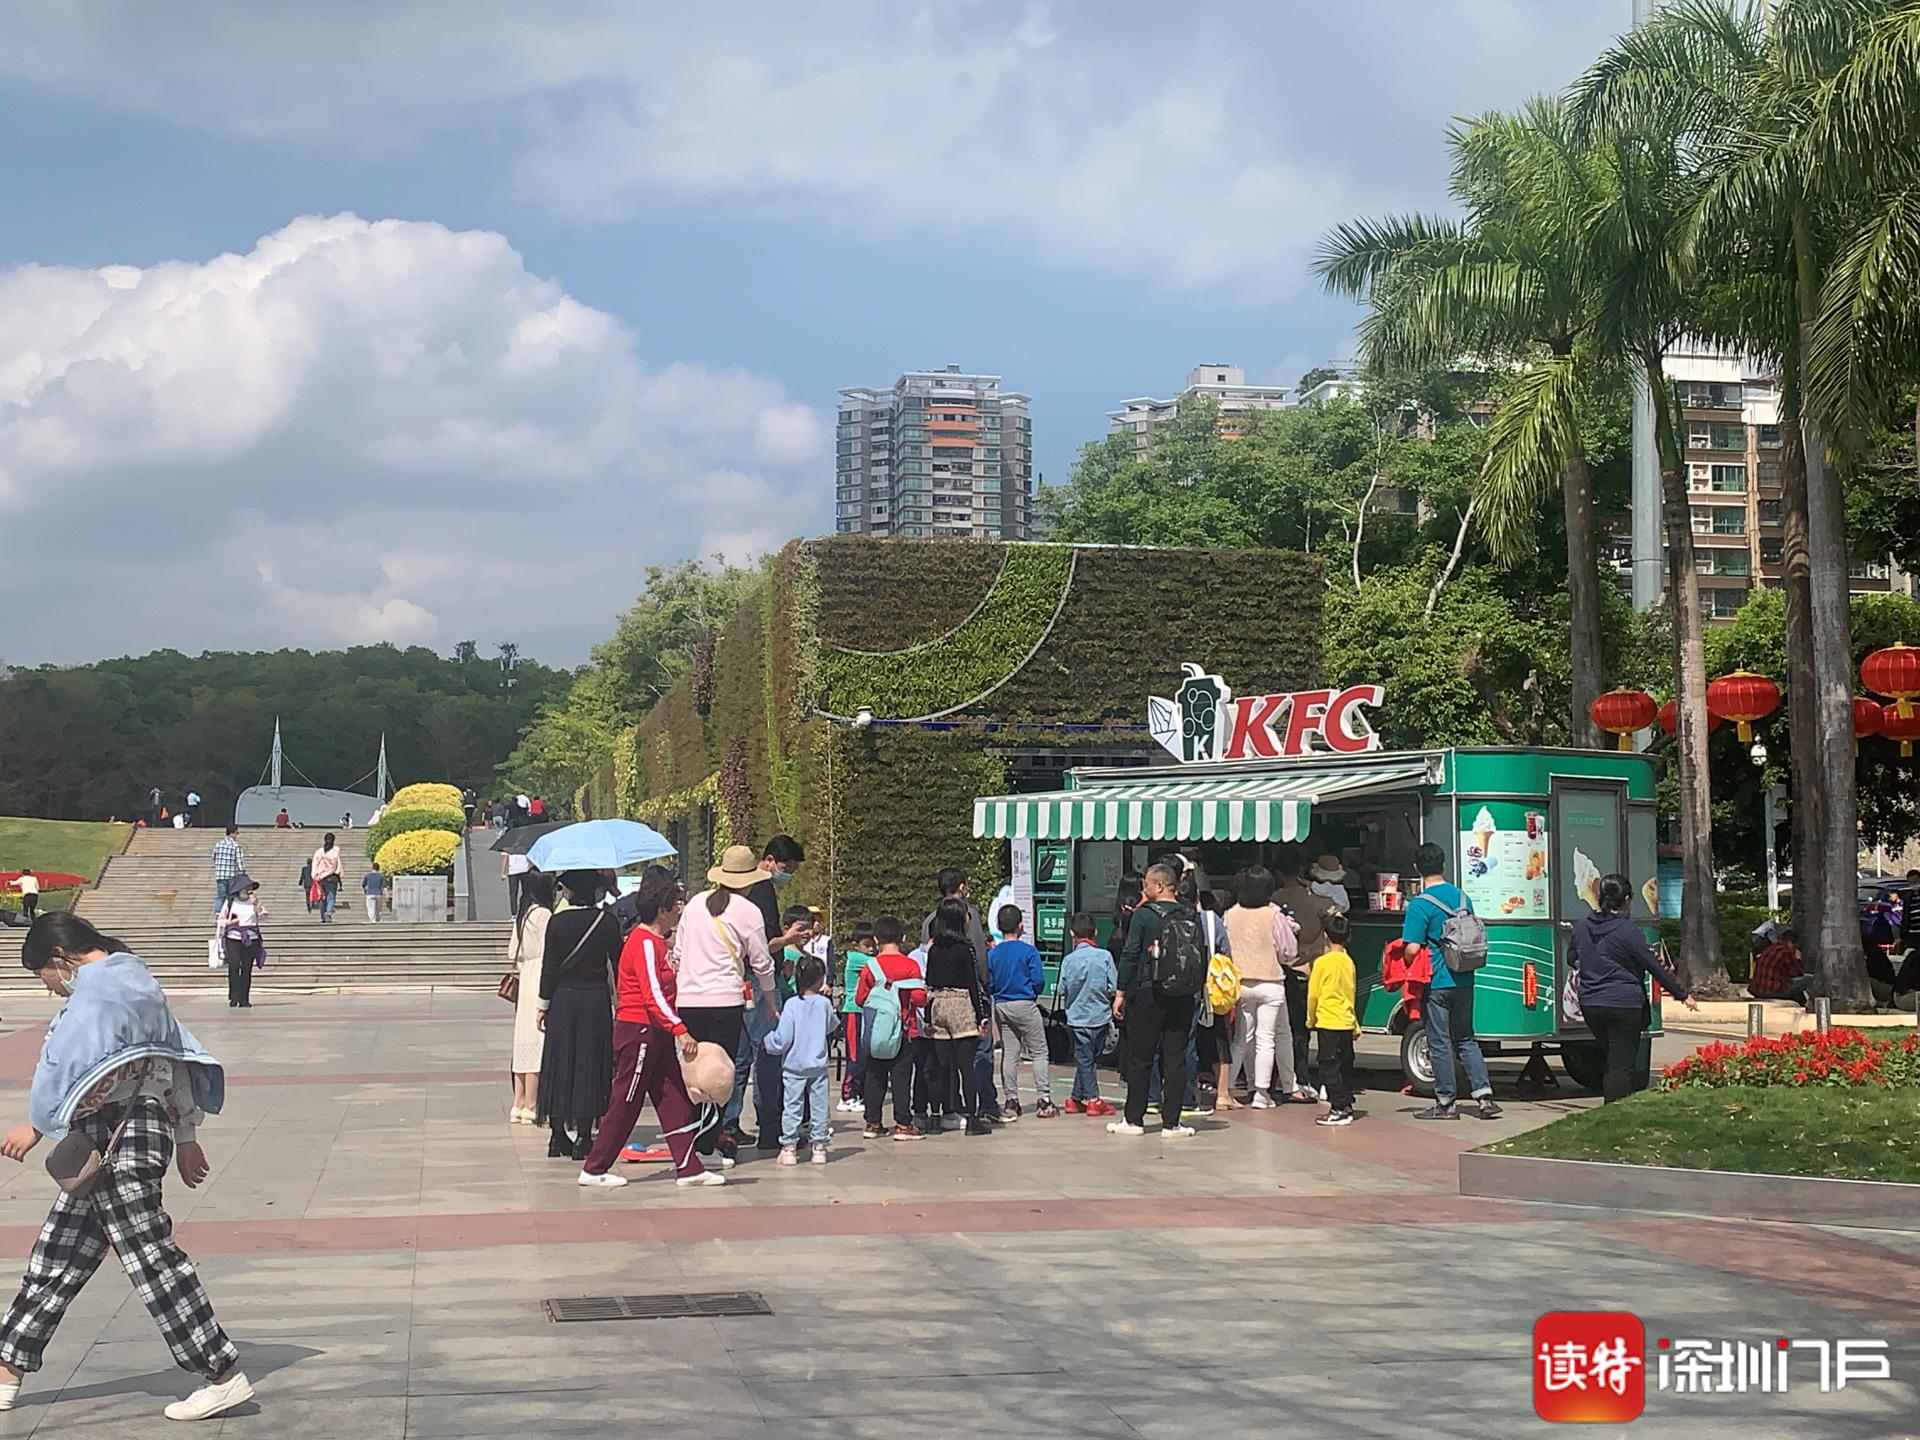 出行、游园、购物 在深圳过年,文明已经蔚然成风